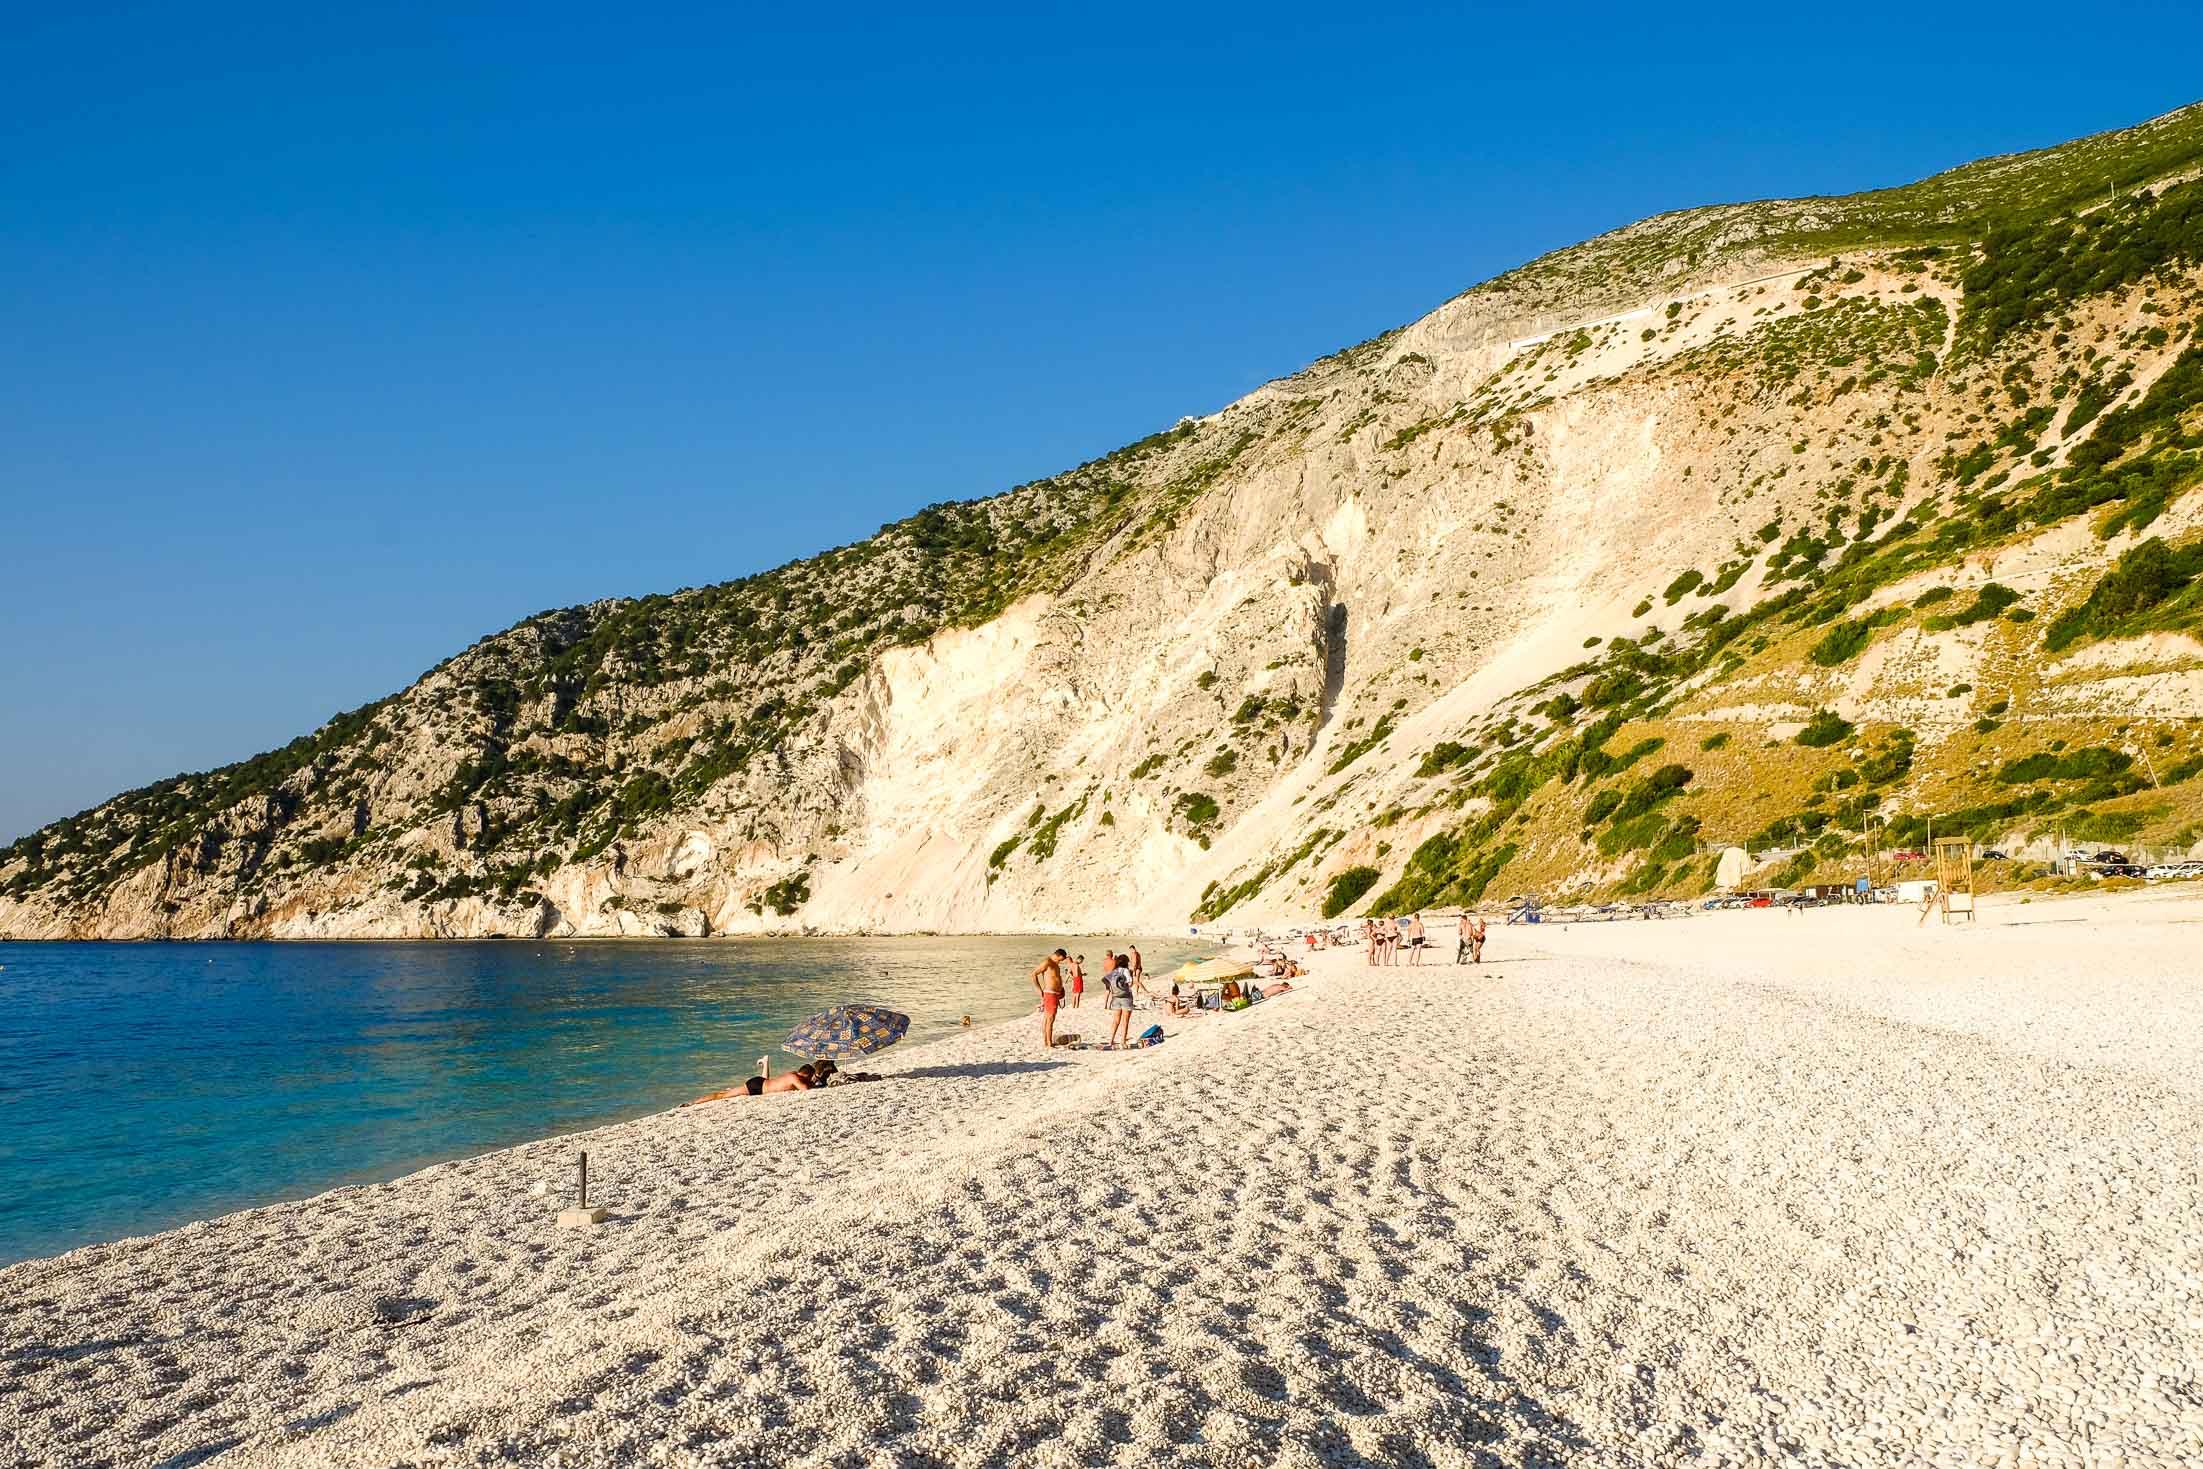 пляж миртос фото